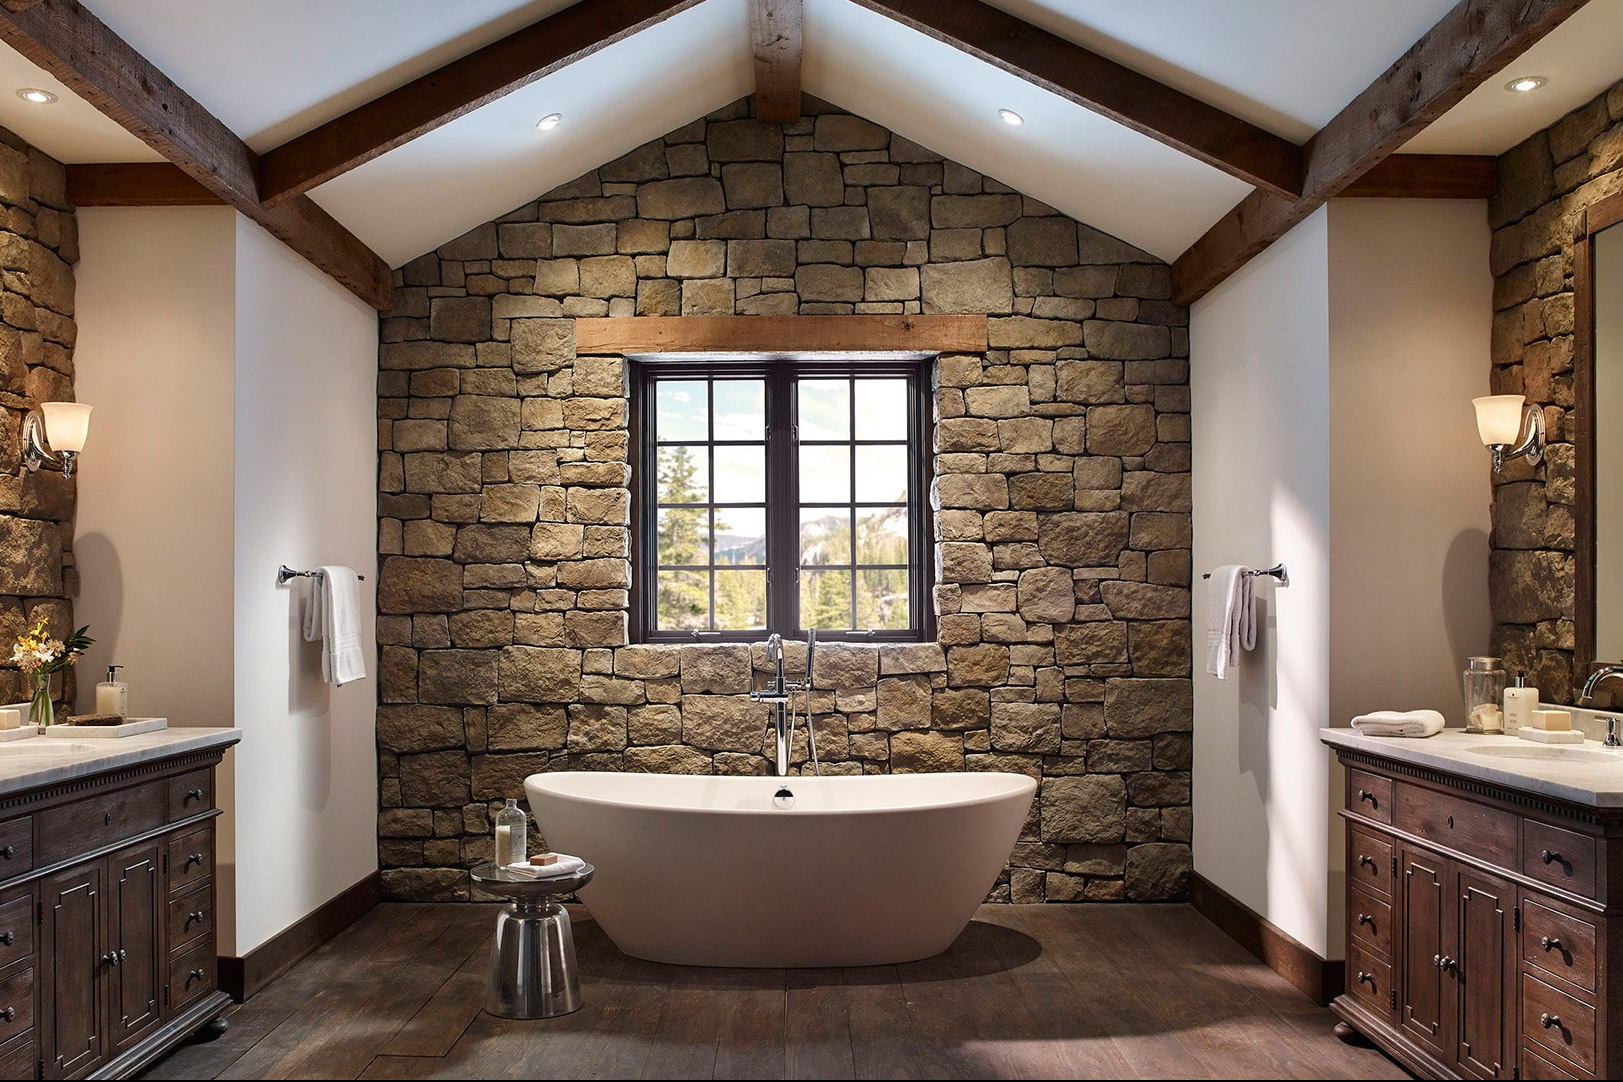 Desain Dinding Batu Alam 405737974 1527221126655 - Inspirasi Untuk Ide Desain Kamar Mandi, Minimalis dan Eksotiss!